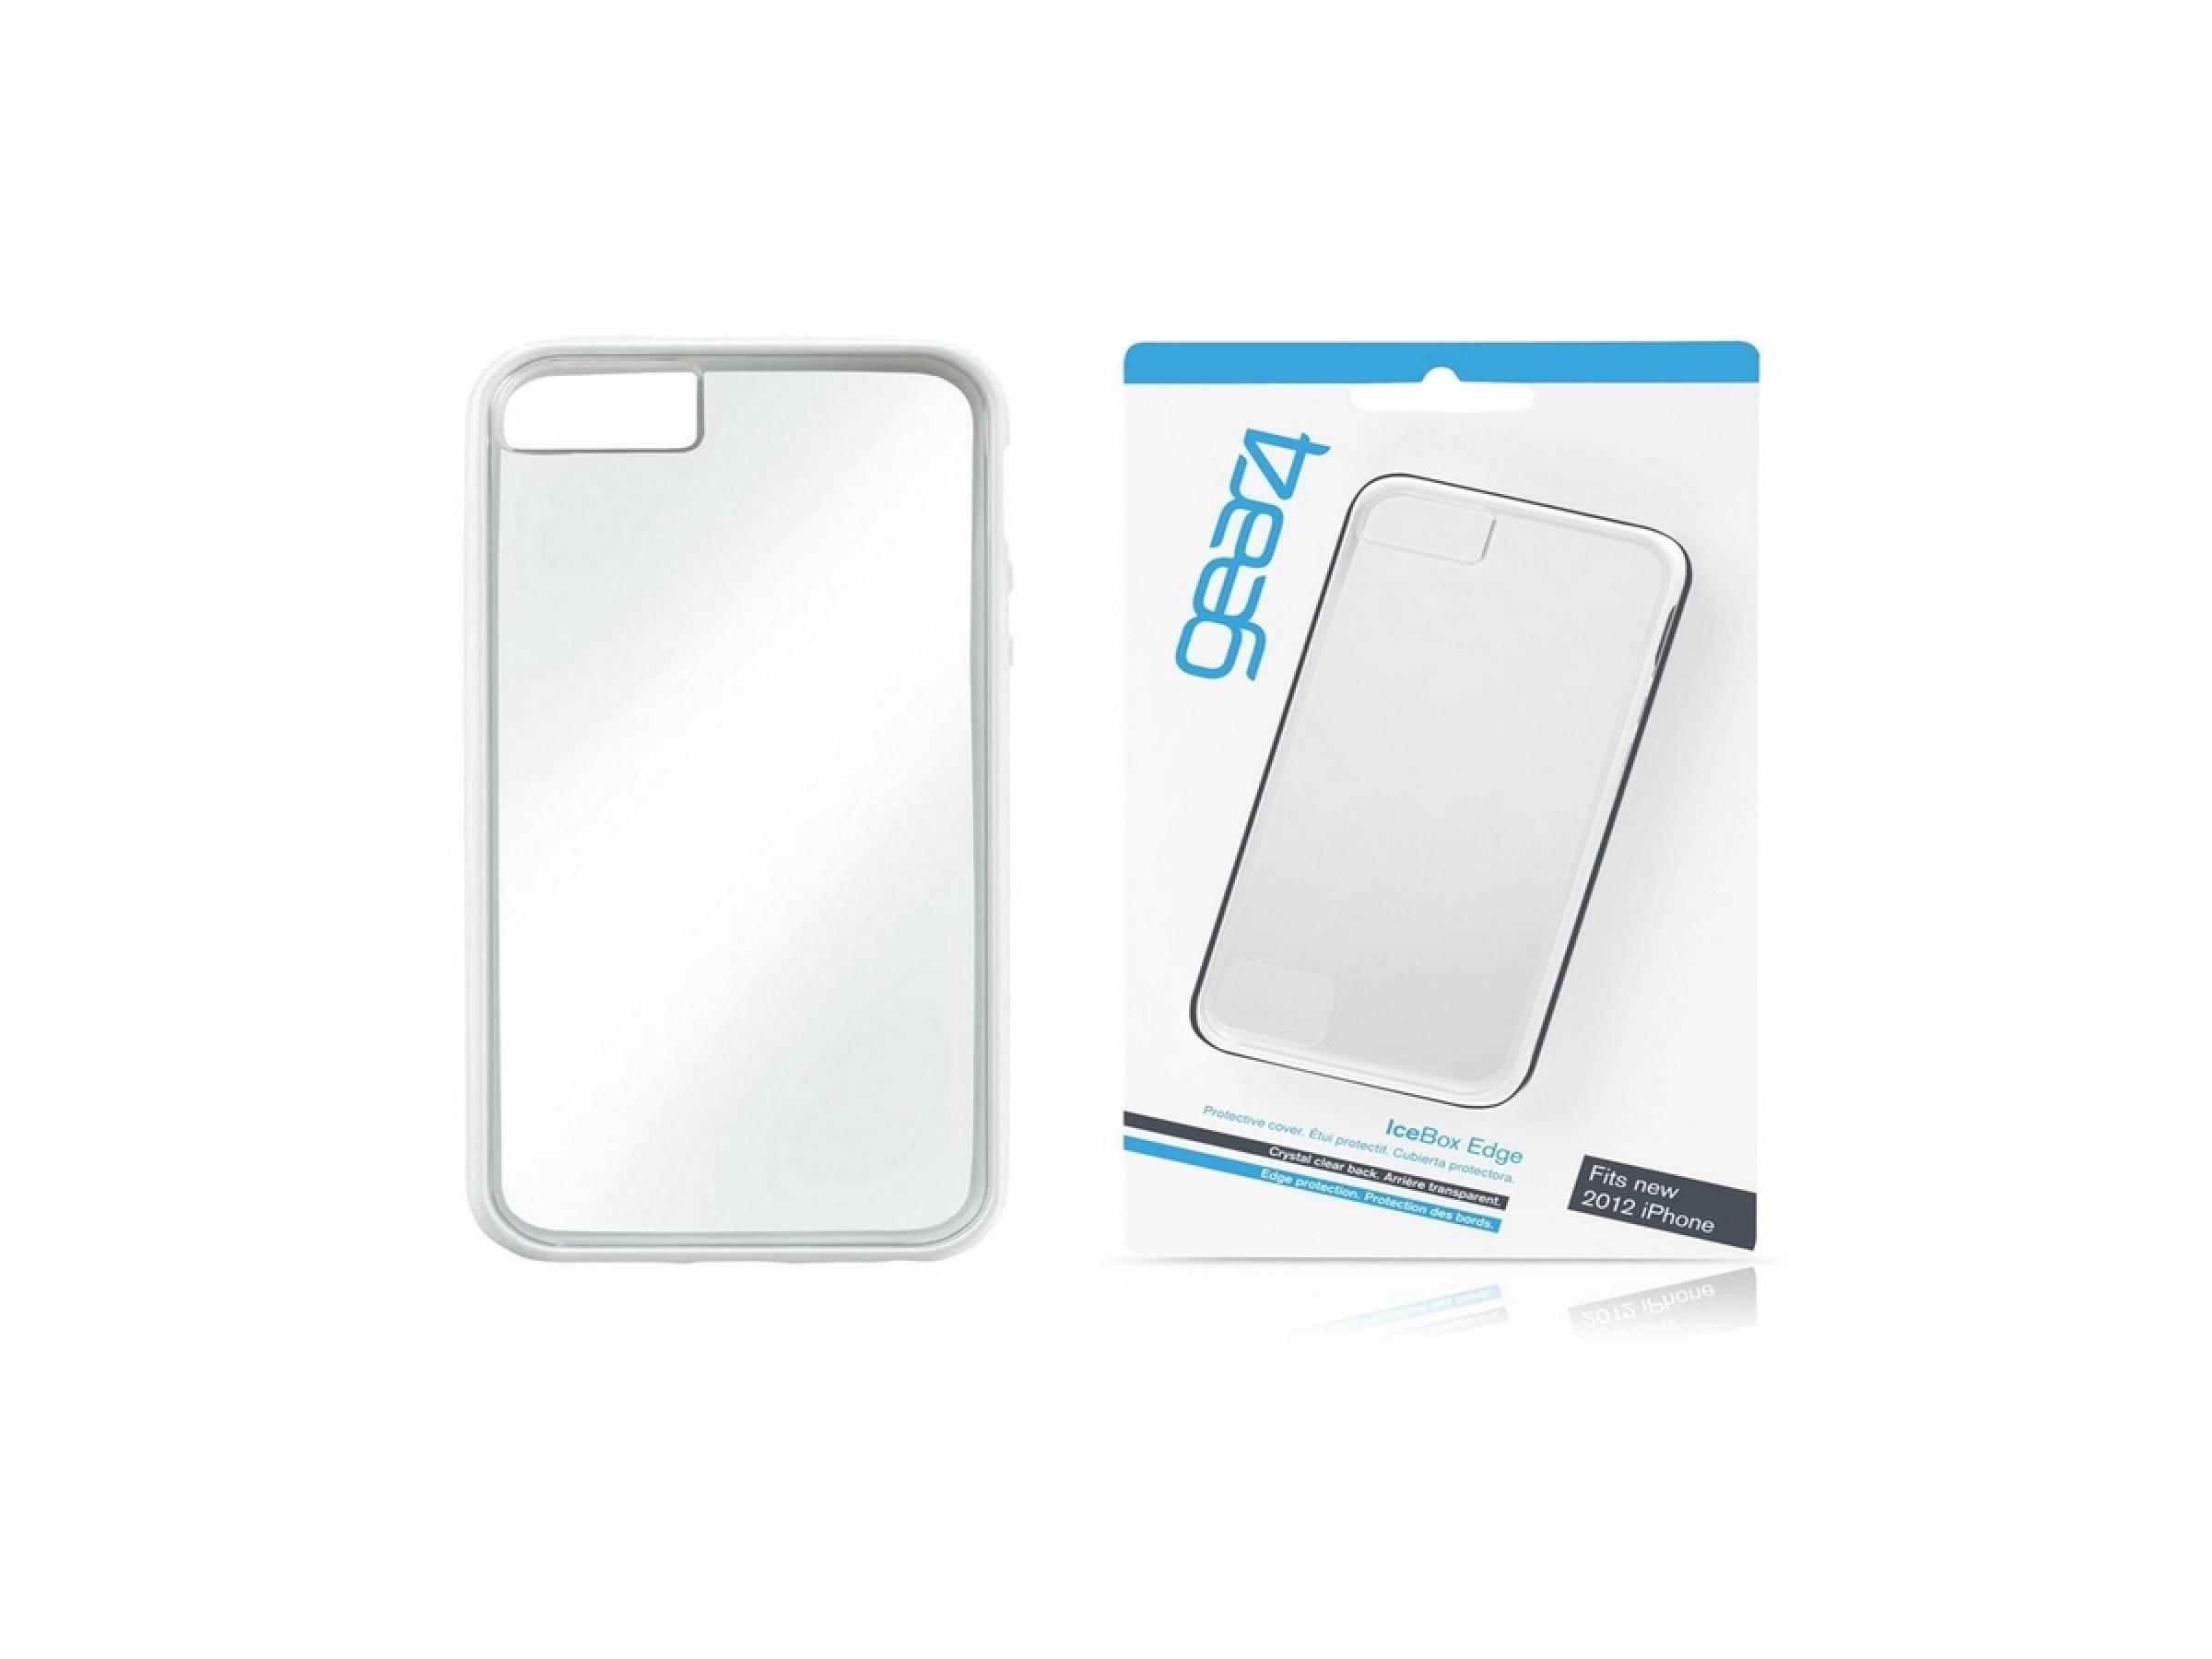 Gear4 iPhone 5 IceBox Edge - White [Packing Rusak]